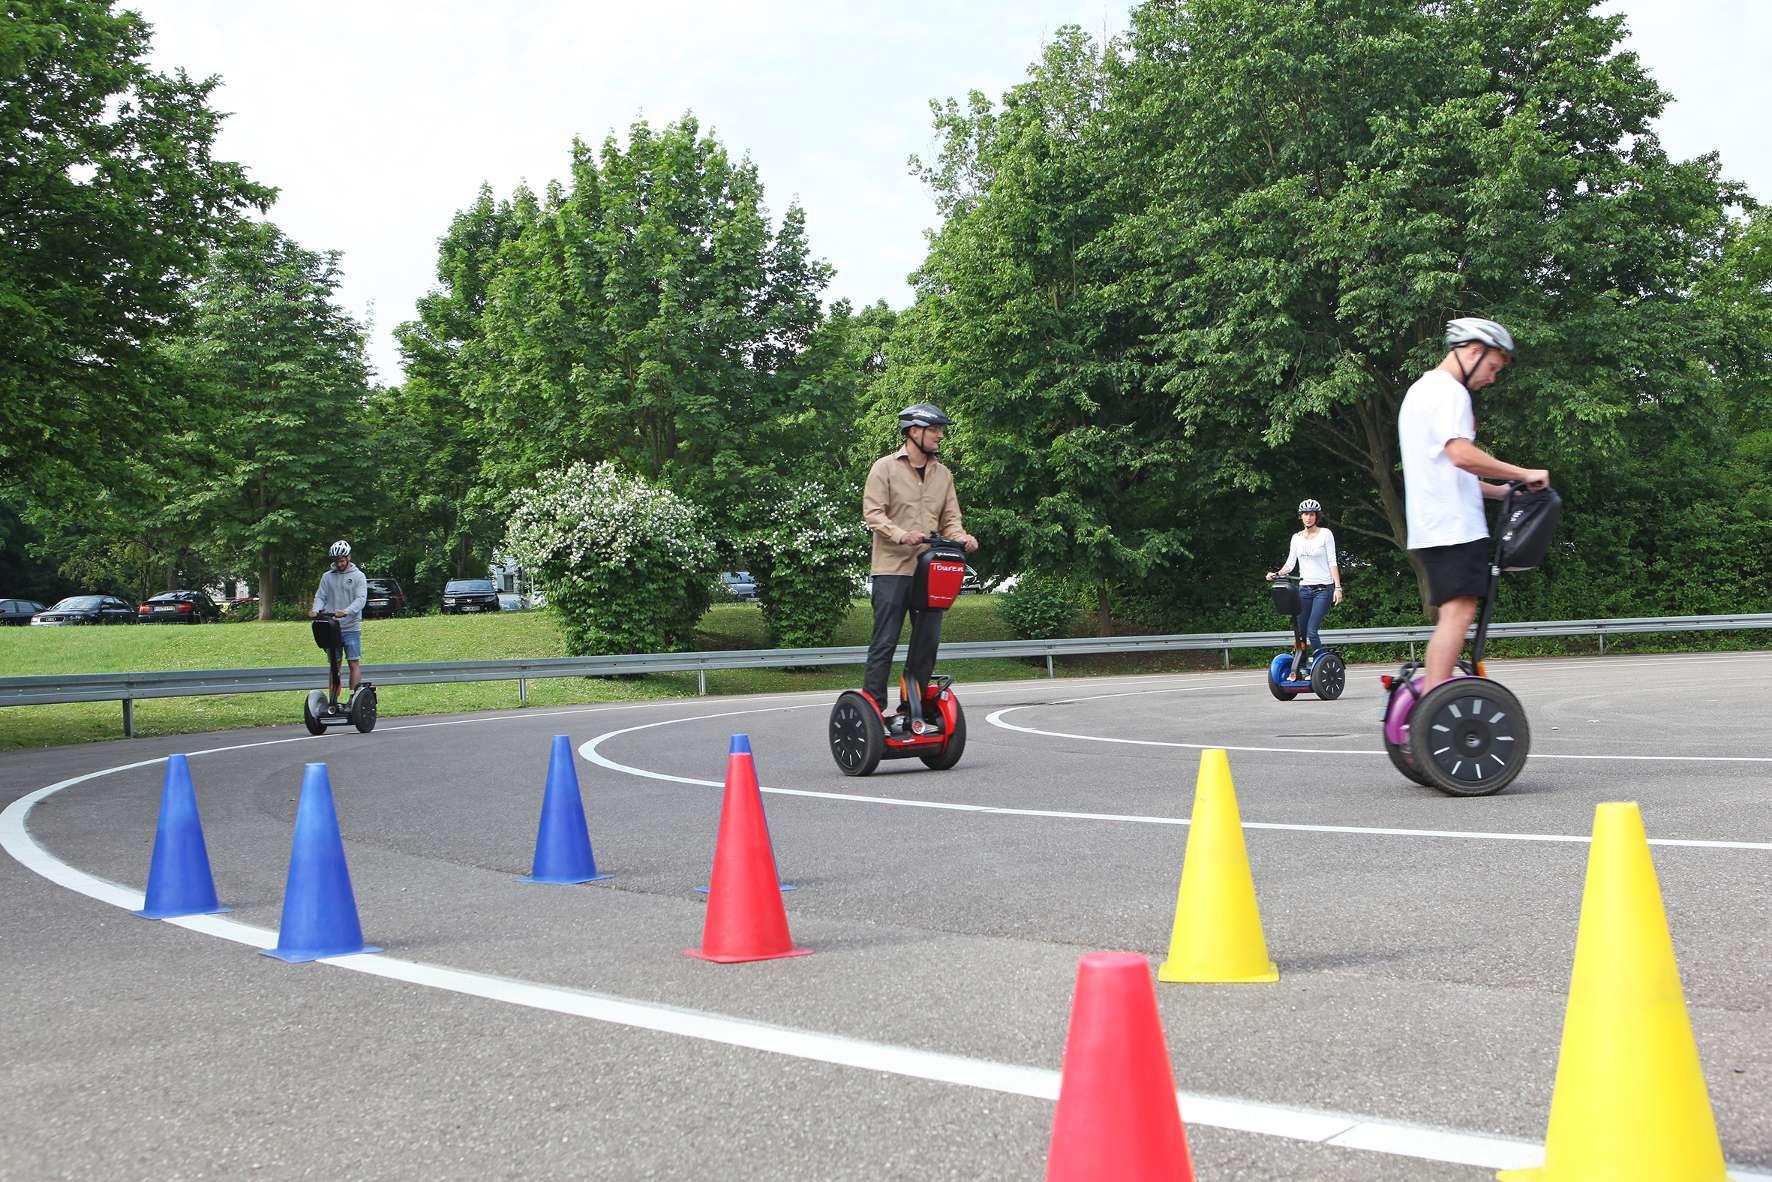 Bieten Segways eine sinnvolle Mobilitätsalternative?